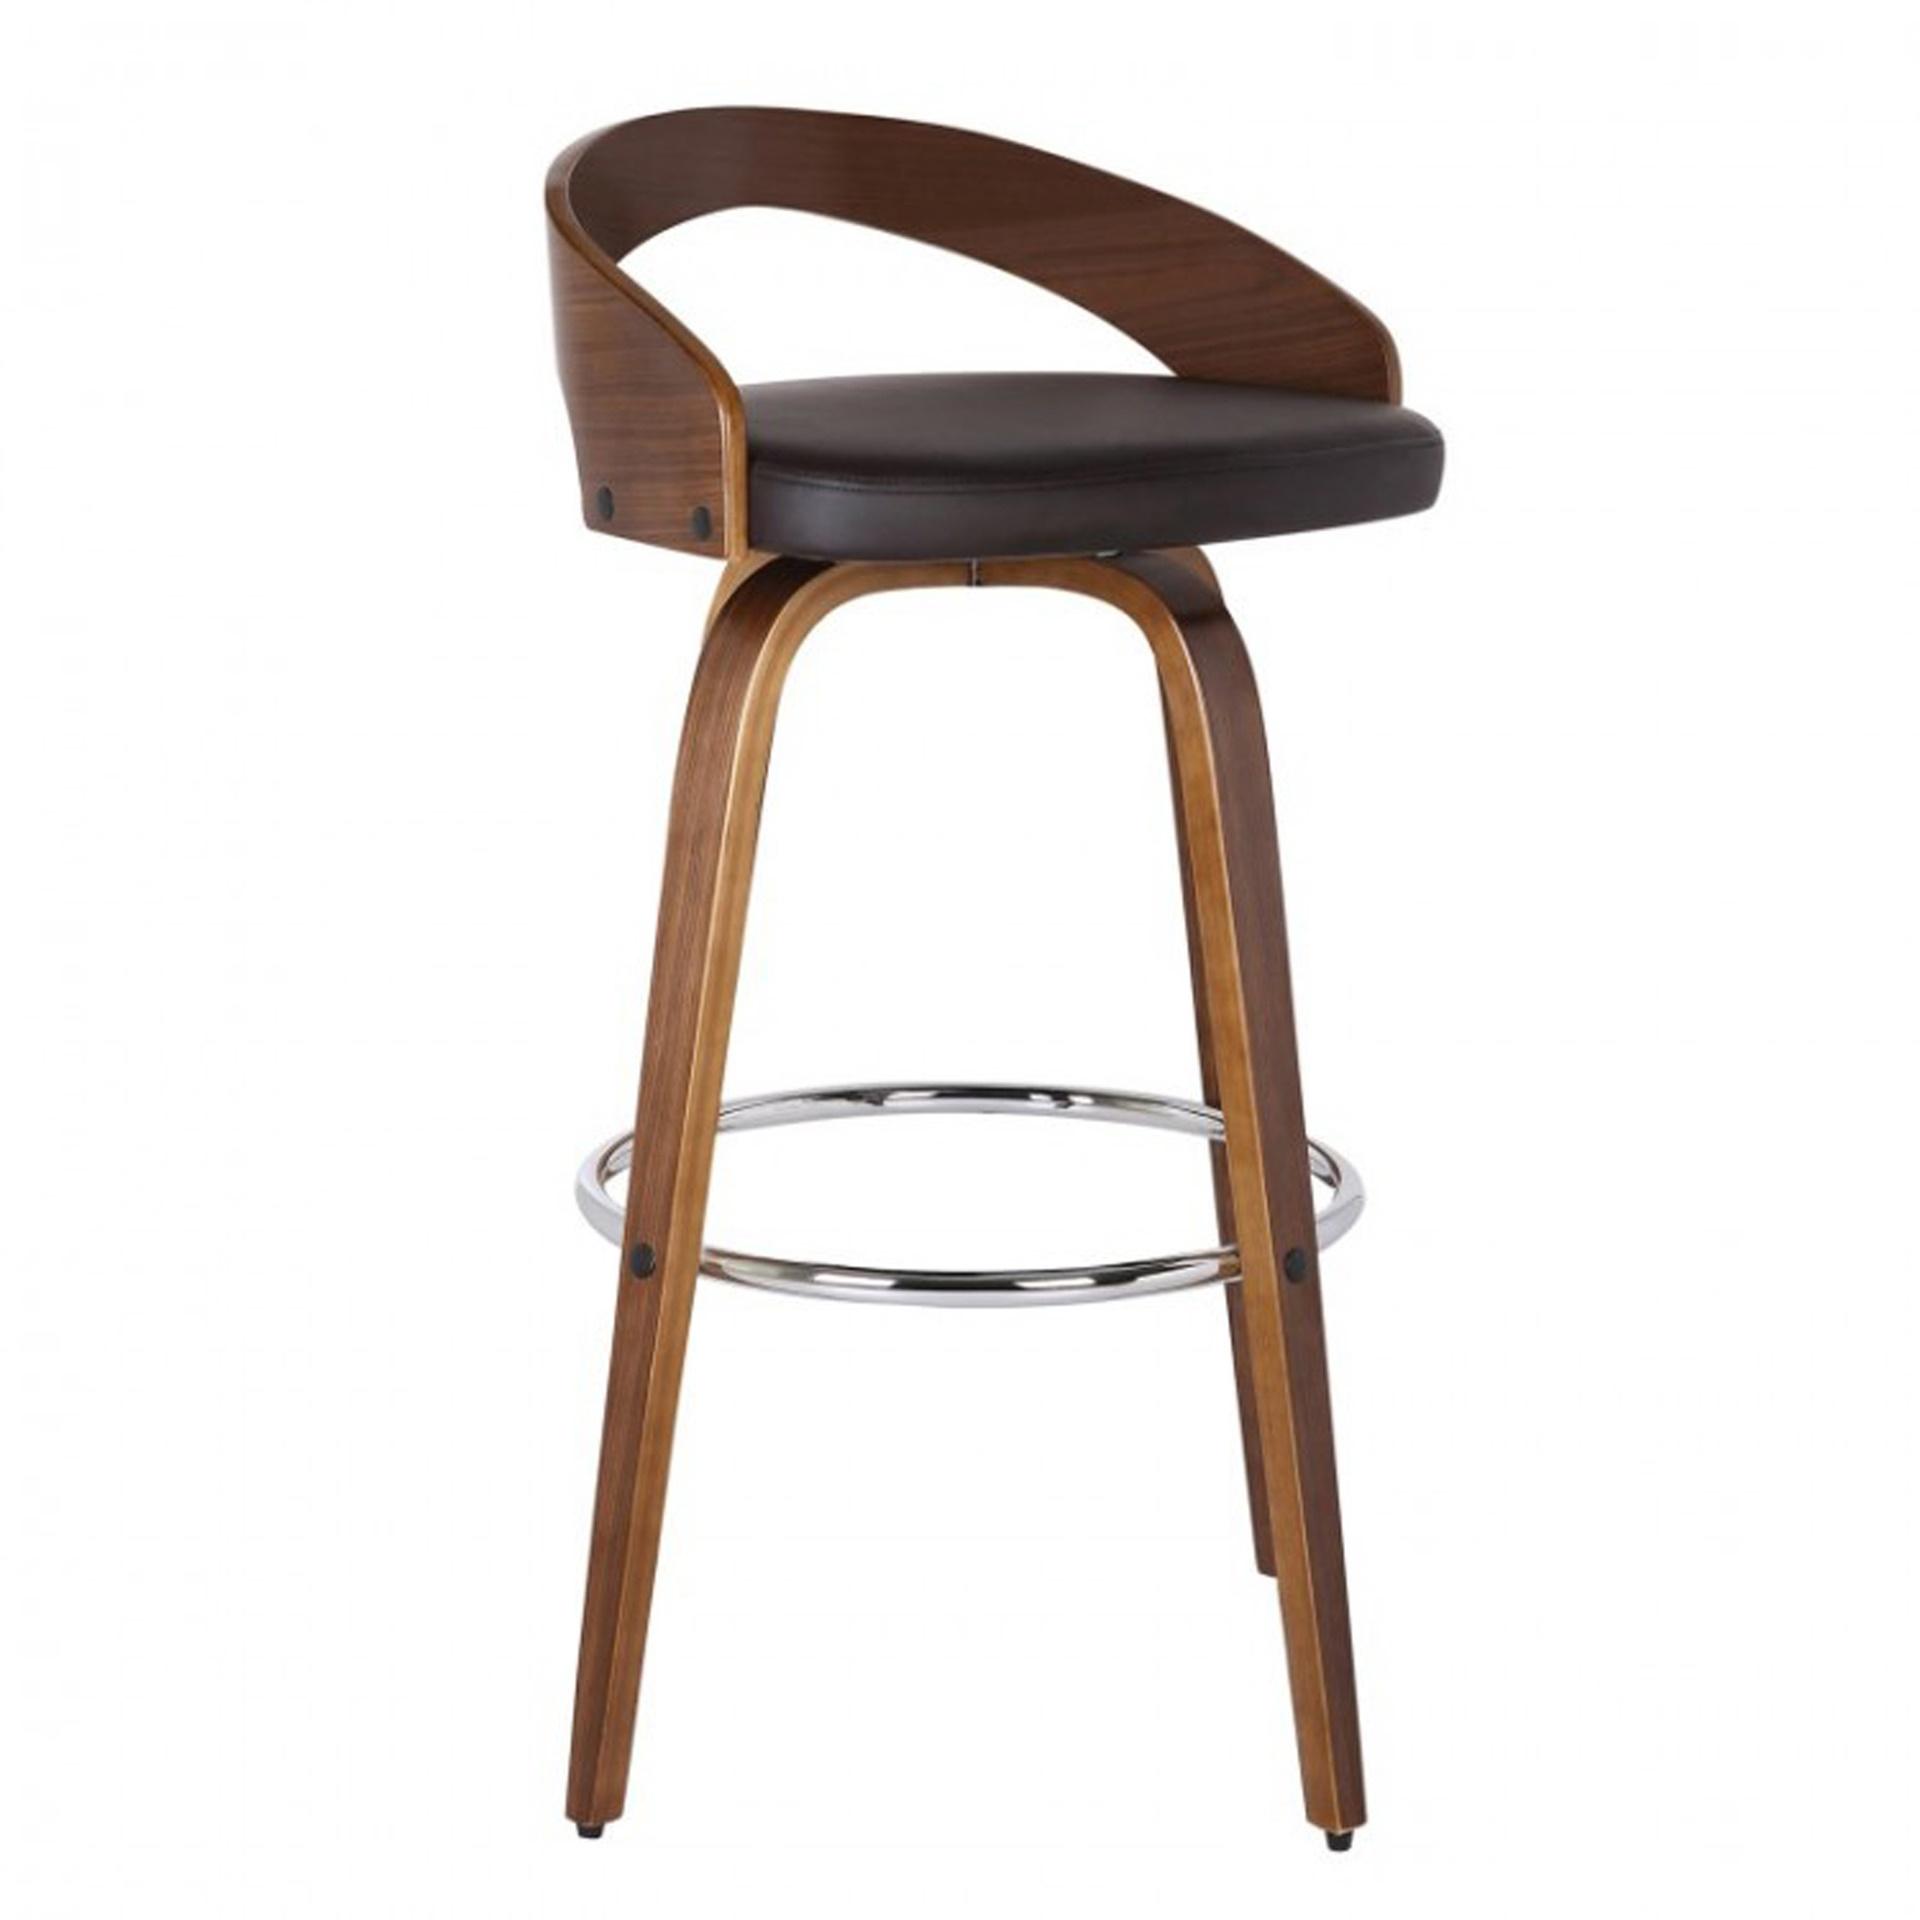 Prime Sonia 30 Barstool Inzonedesignstudio Interior Chair Design Inzonedesignstudiocom